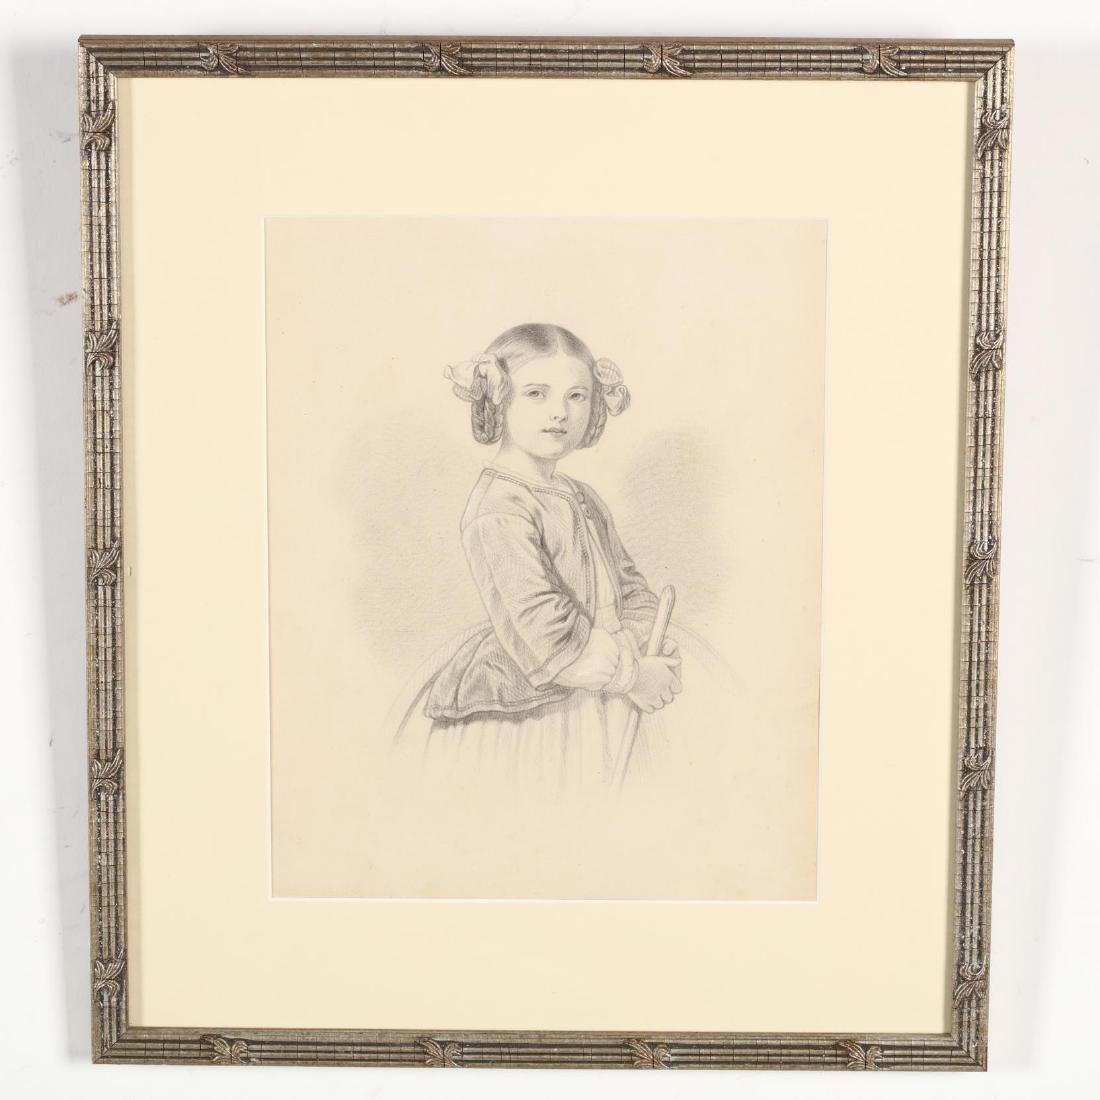 Peter Calvi, Jr. (NY, 1860-1926), Five Sketches of - 3